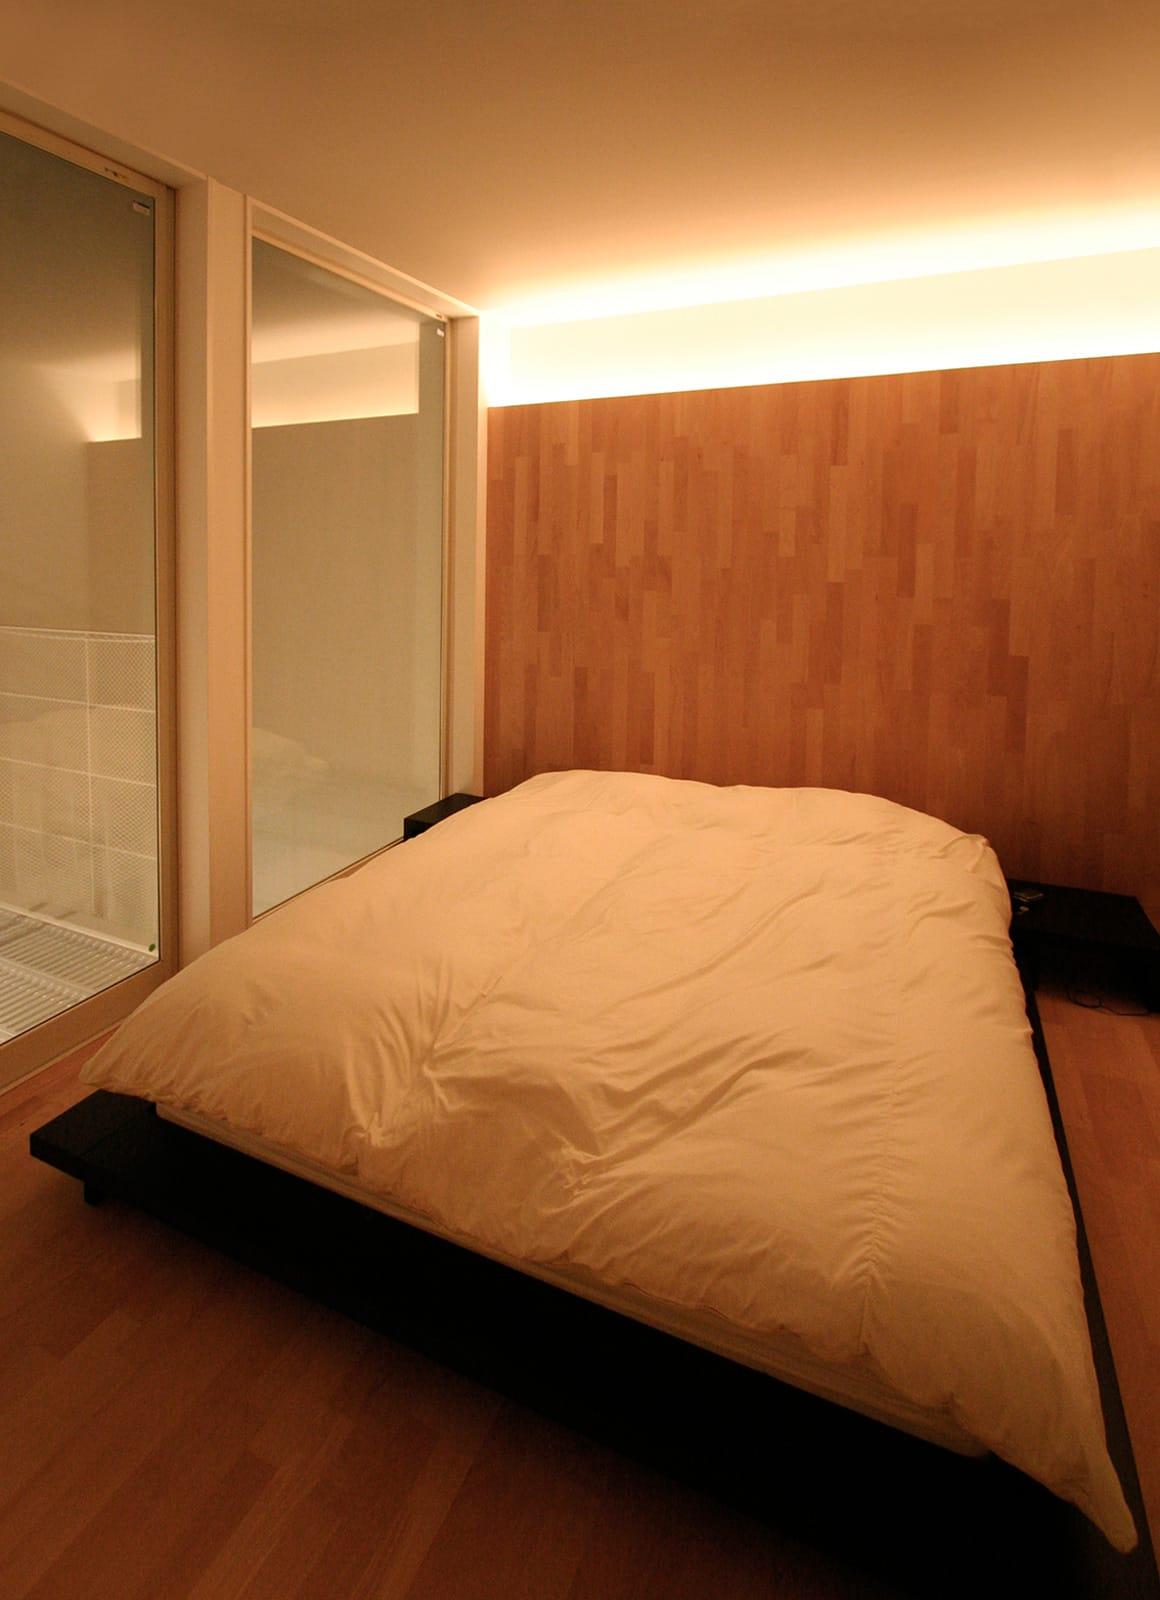 インナーテラスのある明るい住宅のベッドルーム1